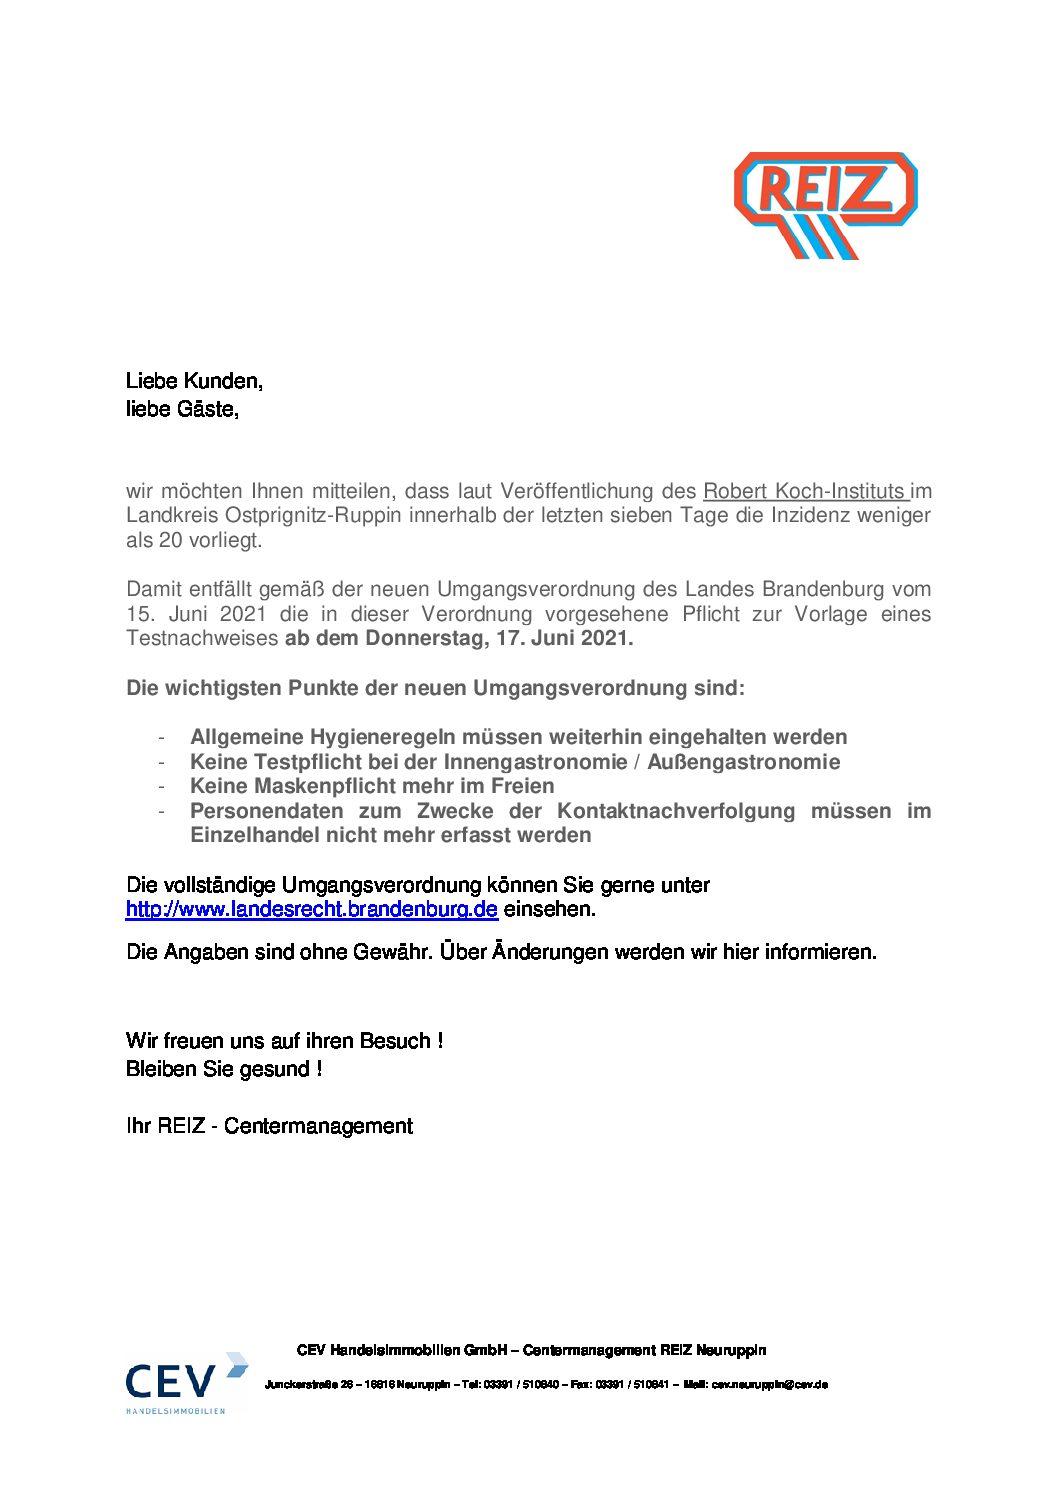 Information – Neue Umgangsverordnung des Landes Brandenburg